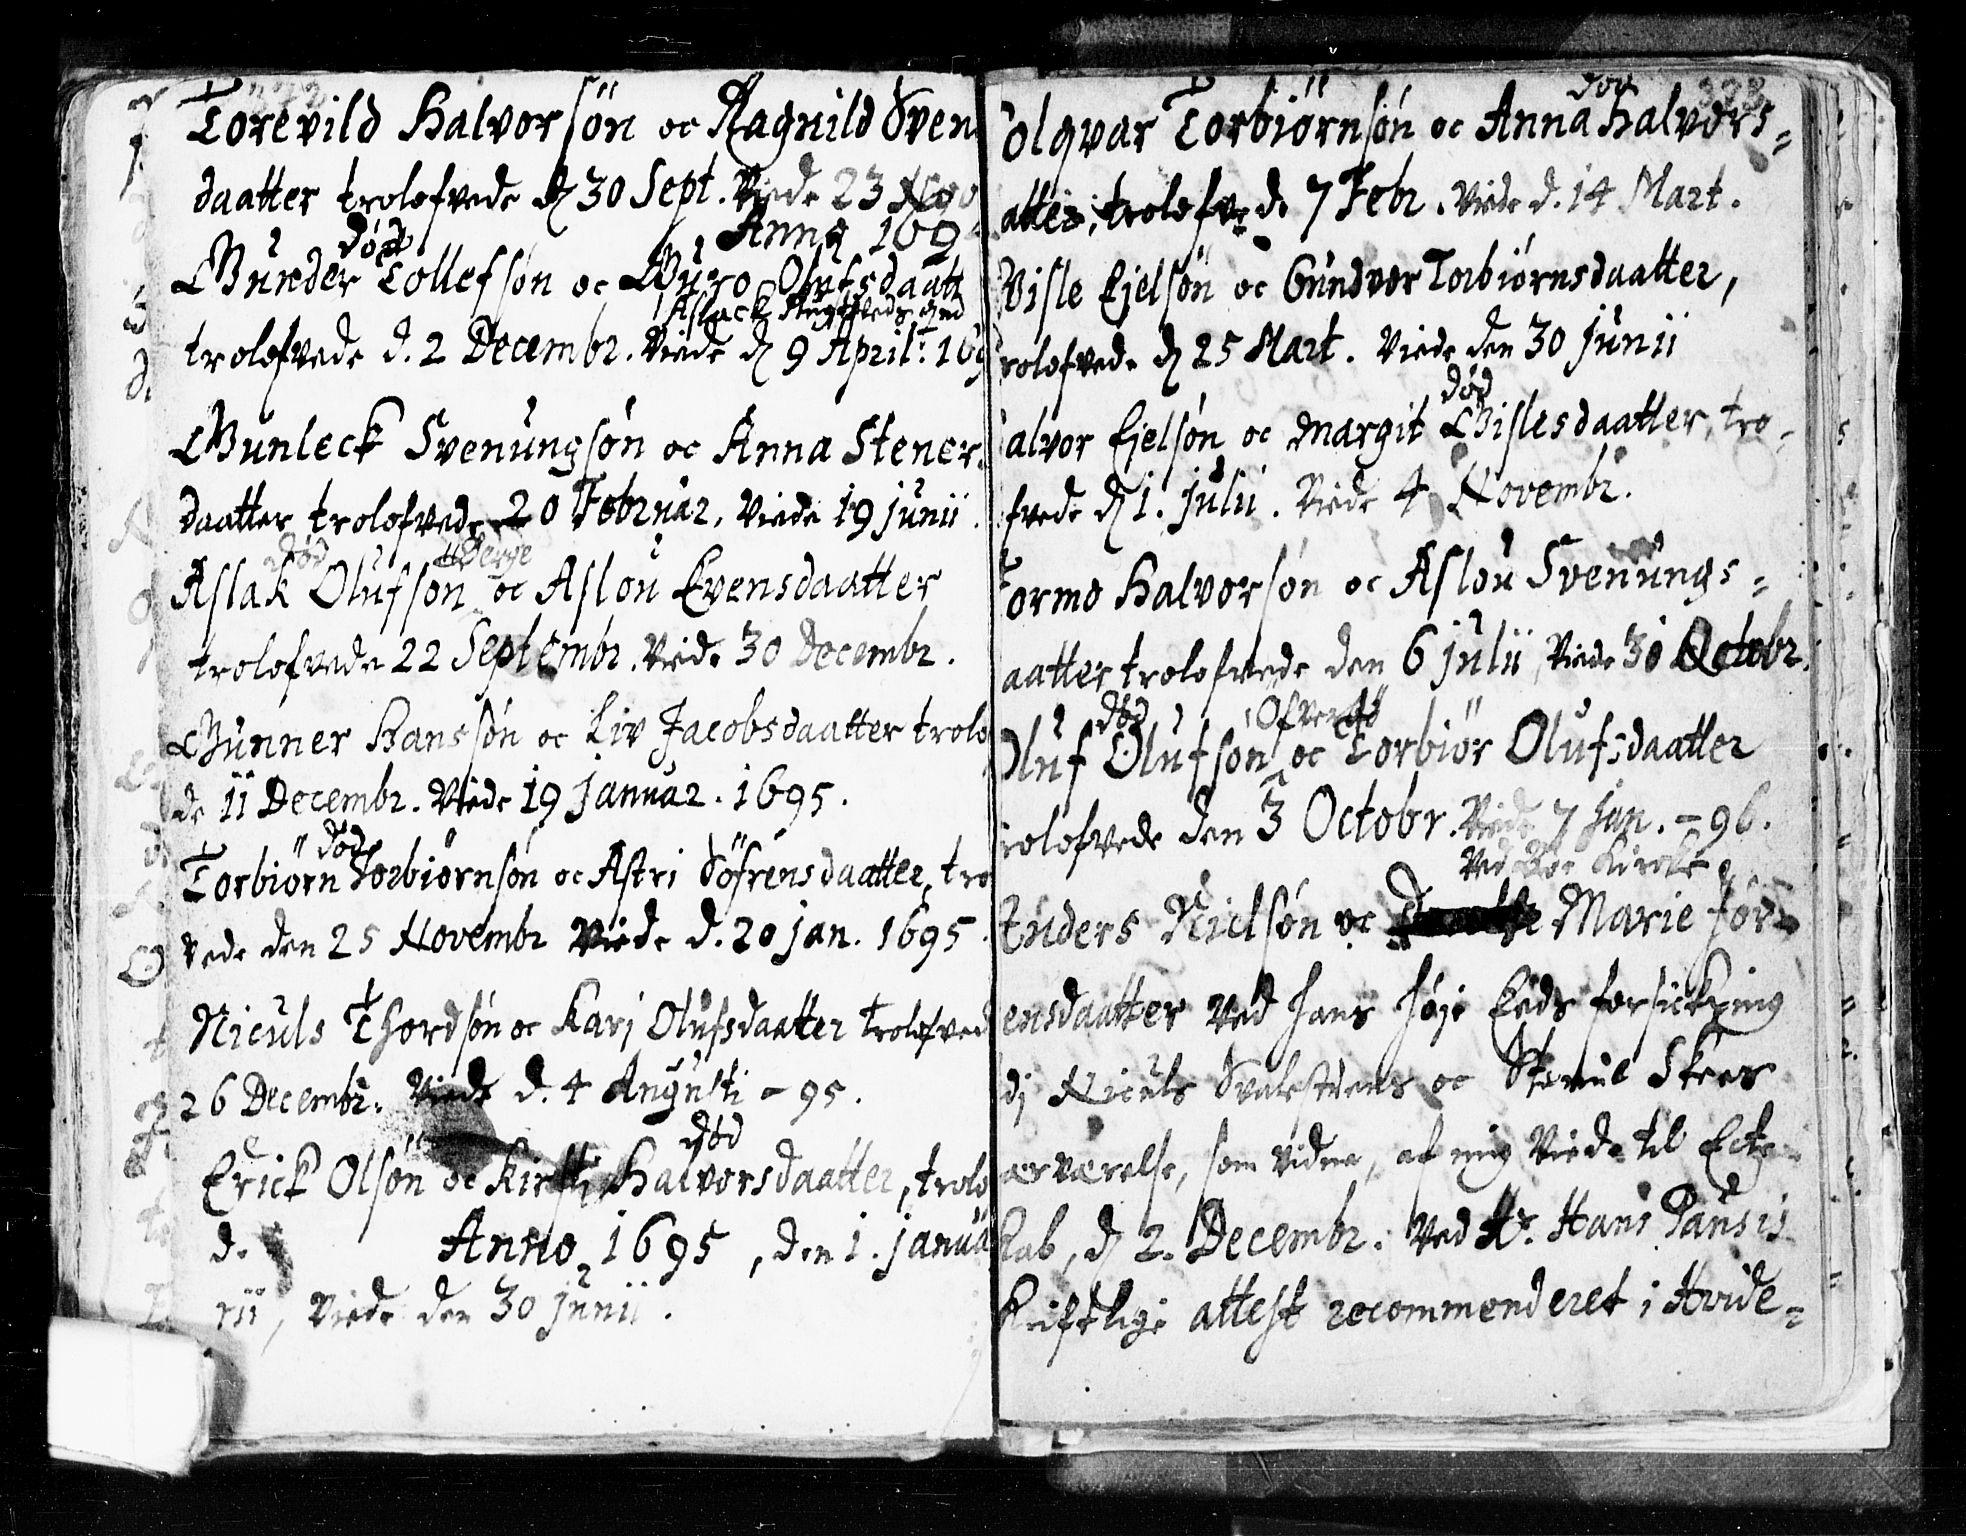 SAKO, Seljord kirkebøker, F/Fa/L0002: Ministerialbok nr. I 2, 1689-1713, s. 372-373